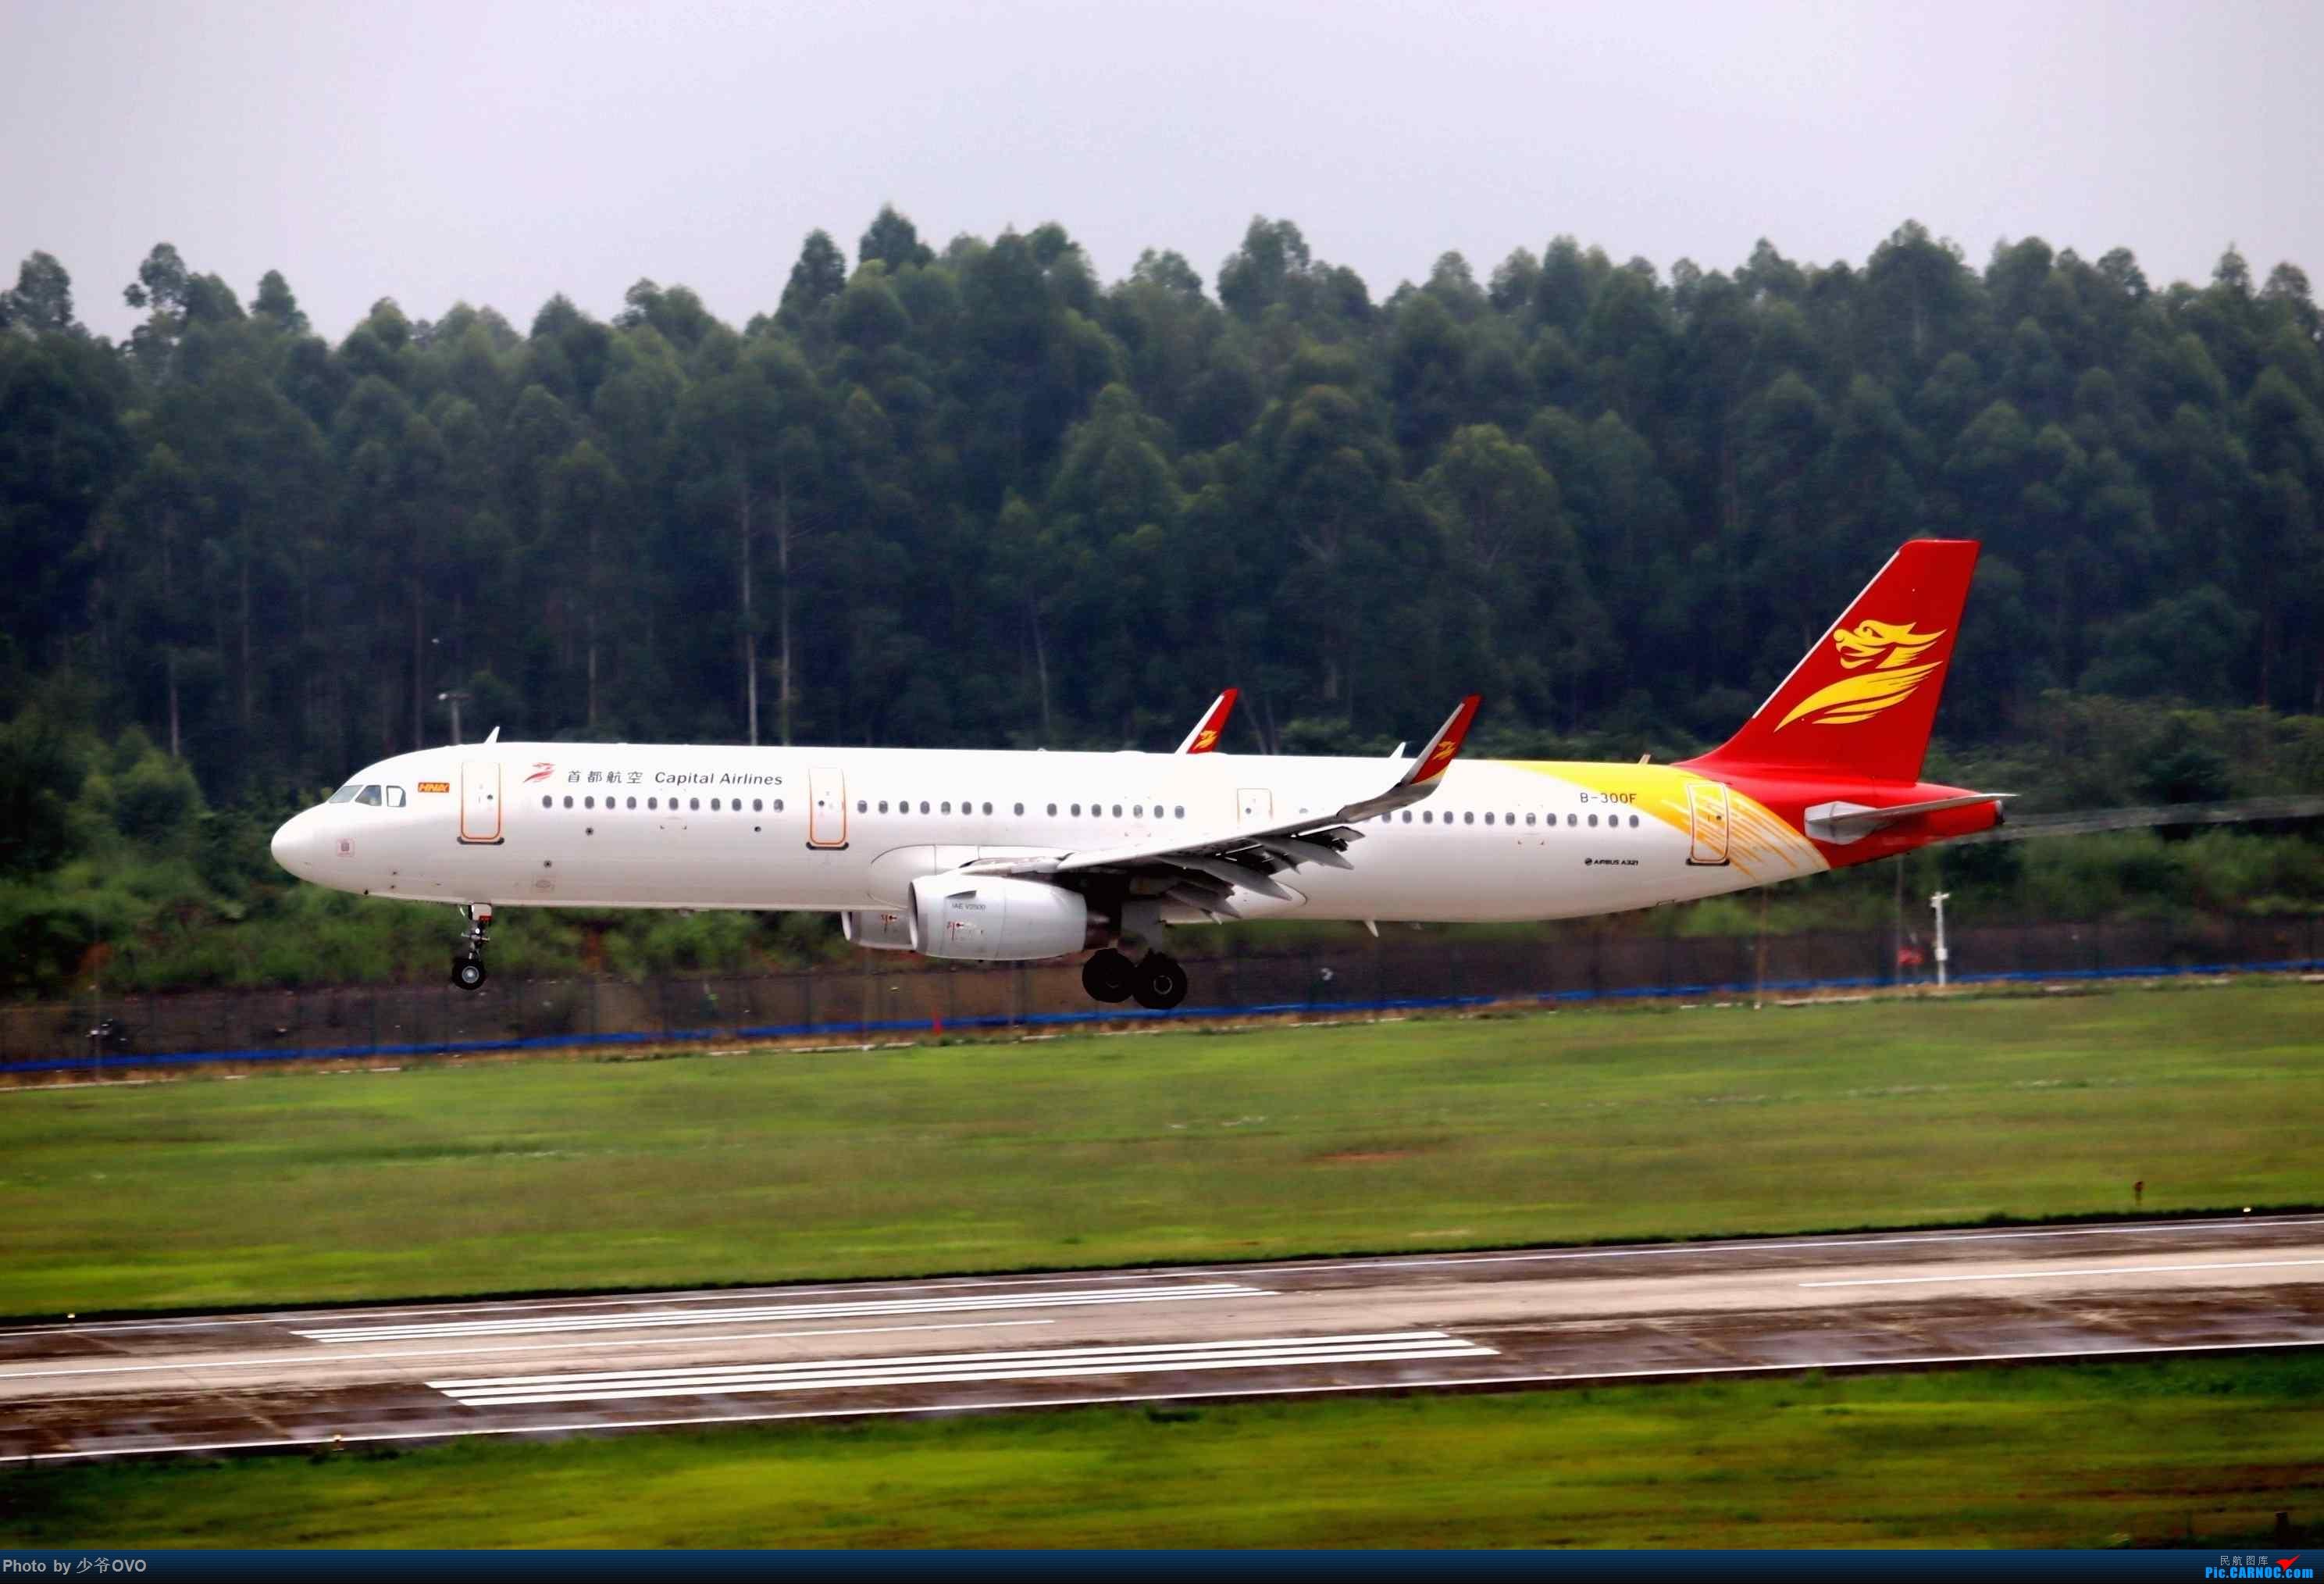 Re:[原创](2020.8.10)少爷的CTU拍机(厦门航空联合国787) AIRBUS A321-200 B-300F 中国成都双流国际机场